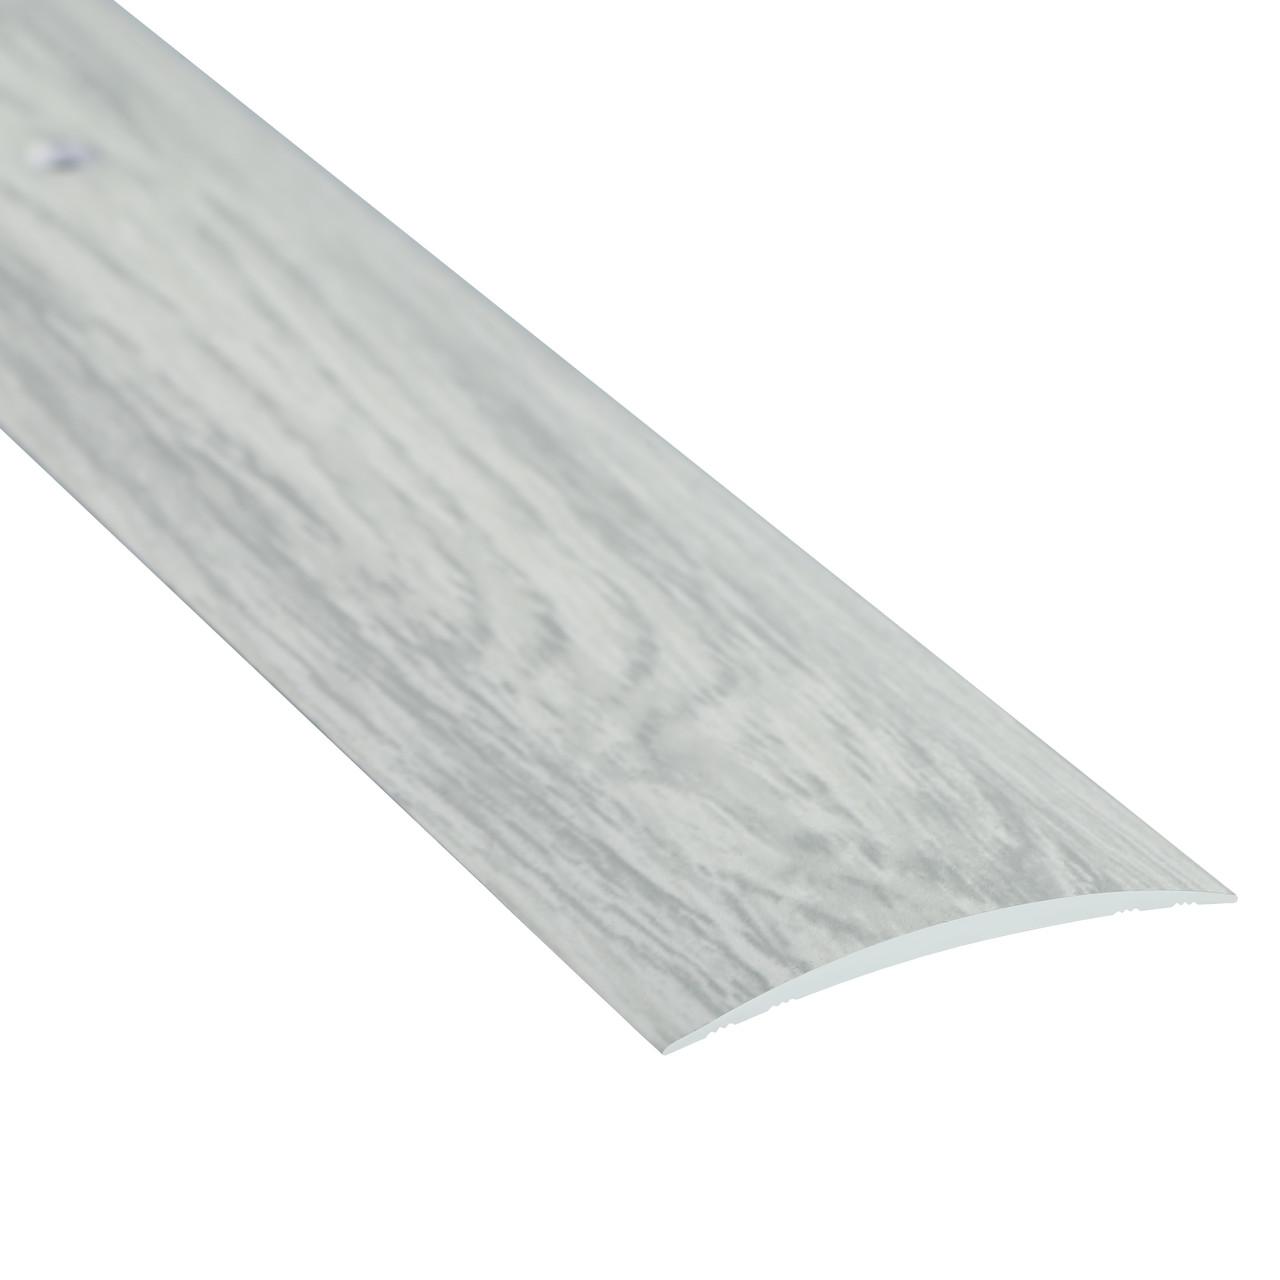 Алюминиевый профиль декоративный одноуровневый гладкий 40мм х 2.7м дуб снежный